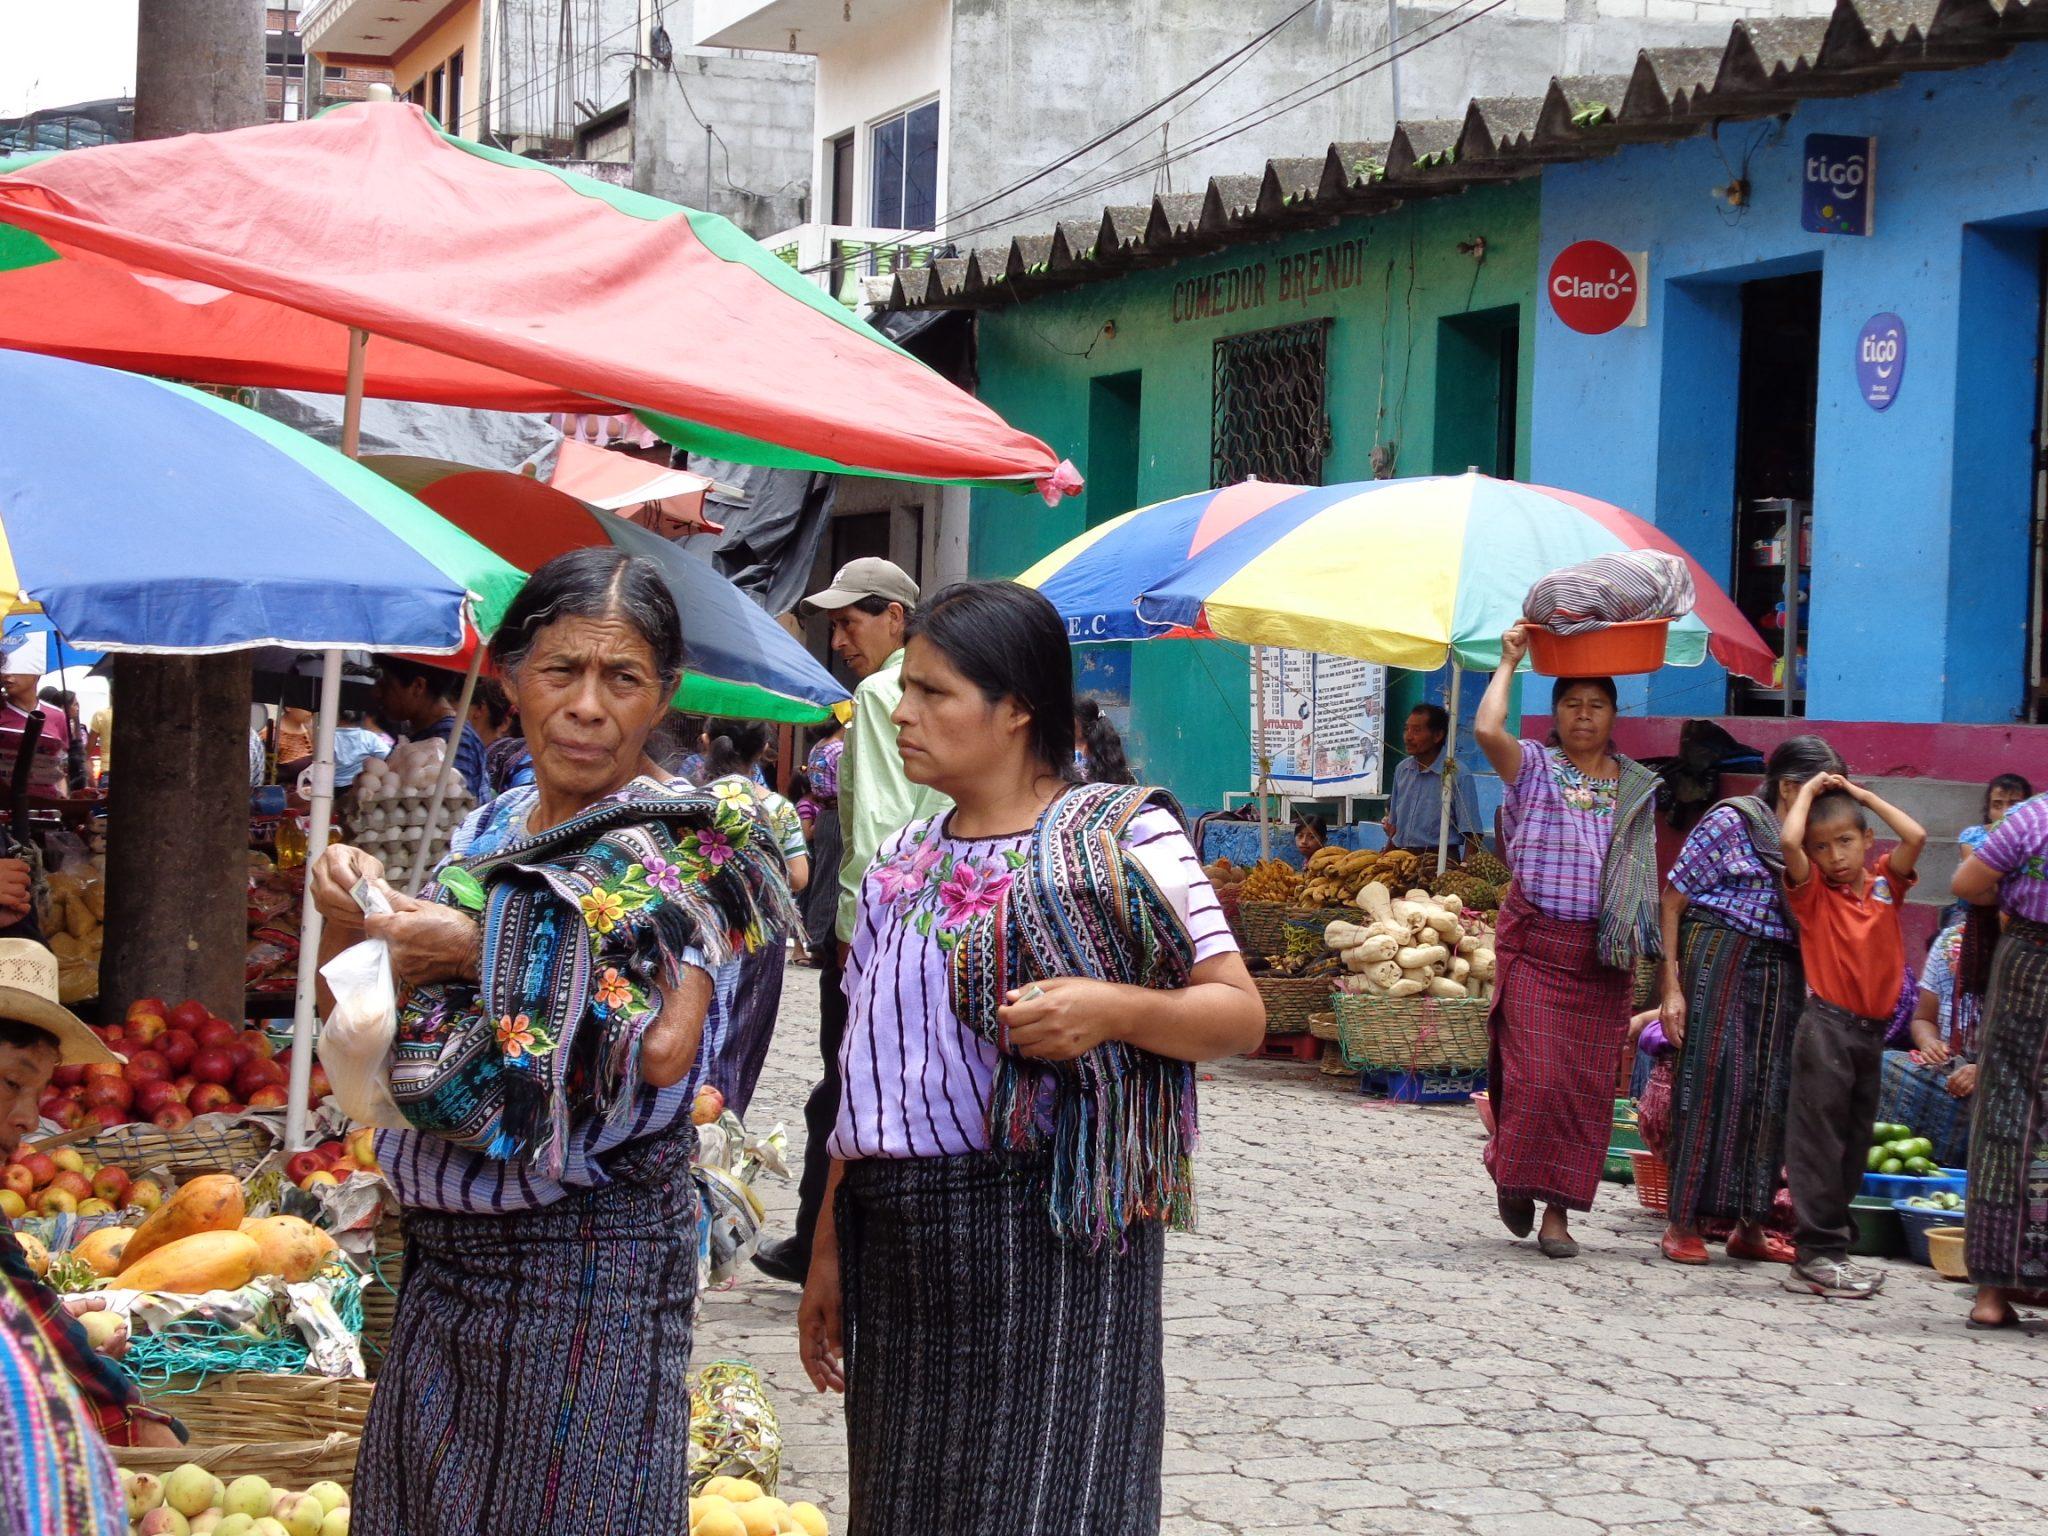 Guatemala-daily-life